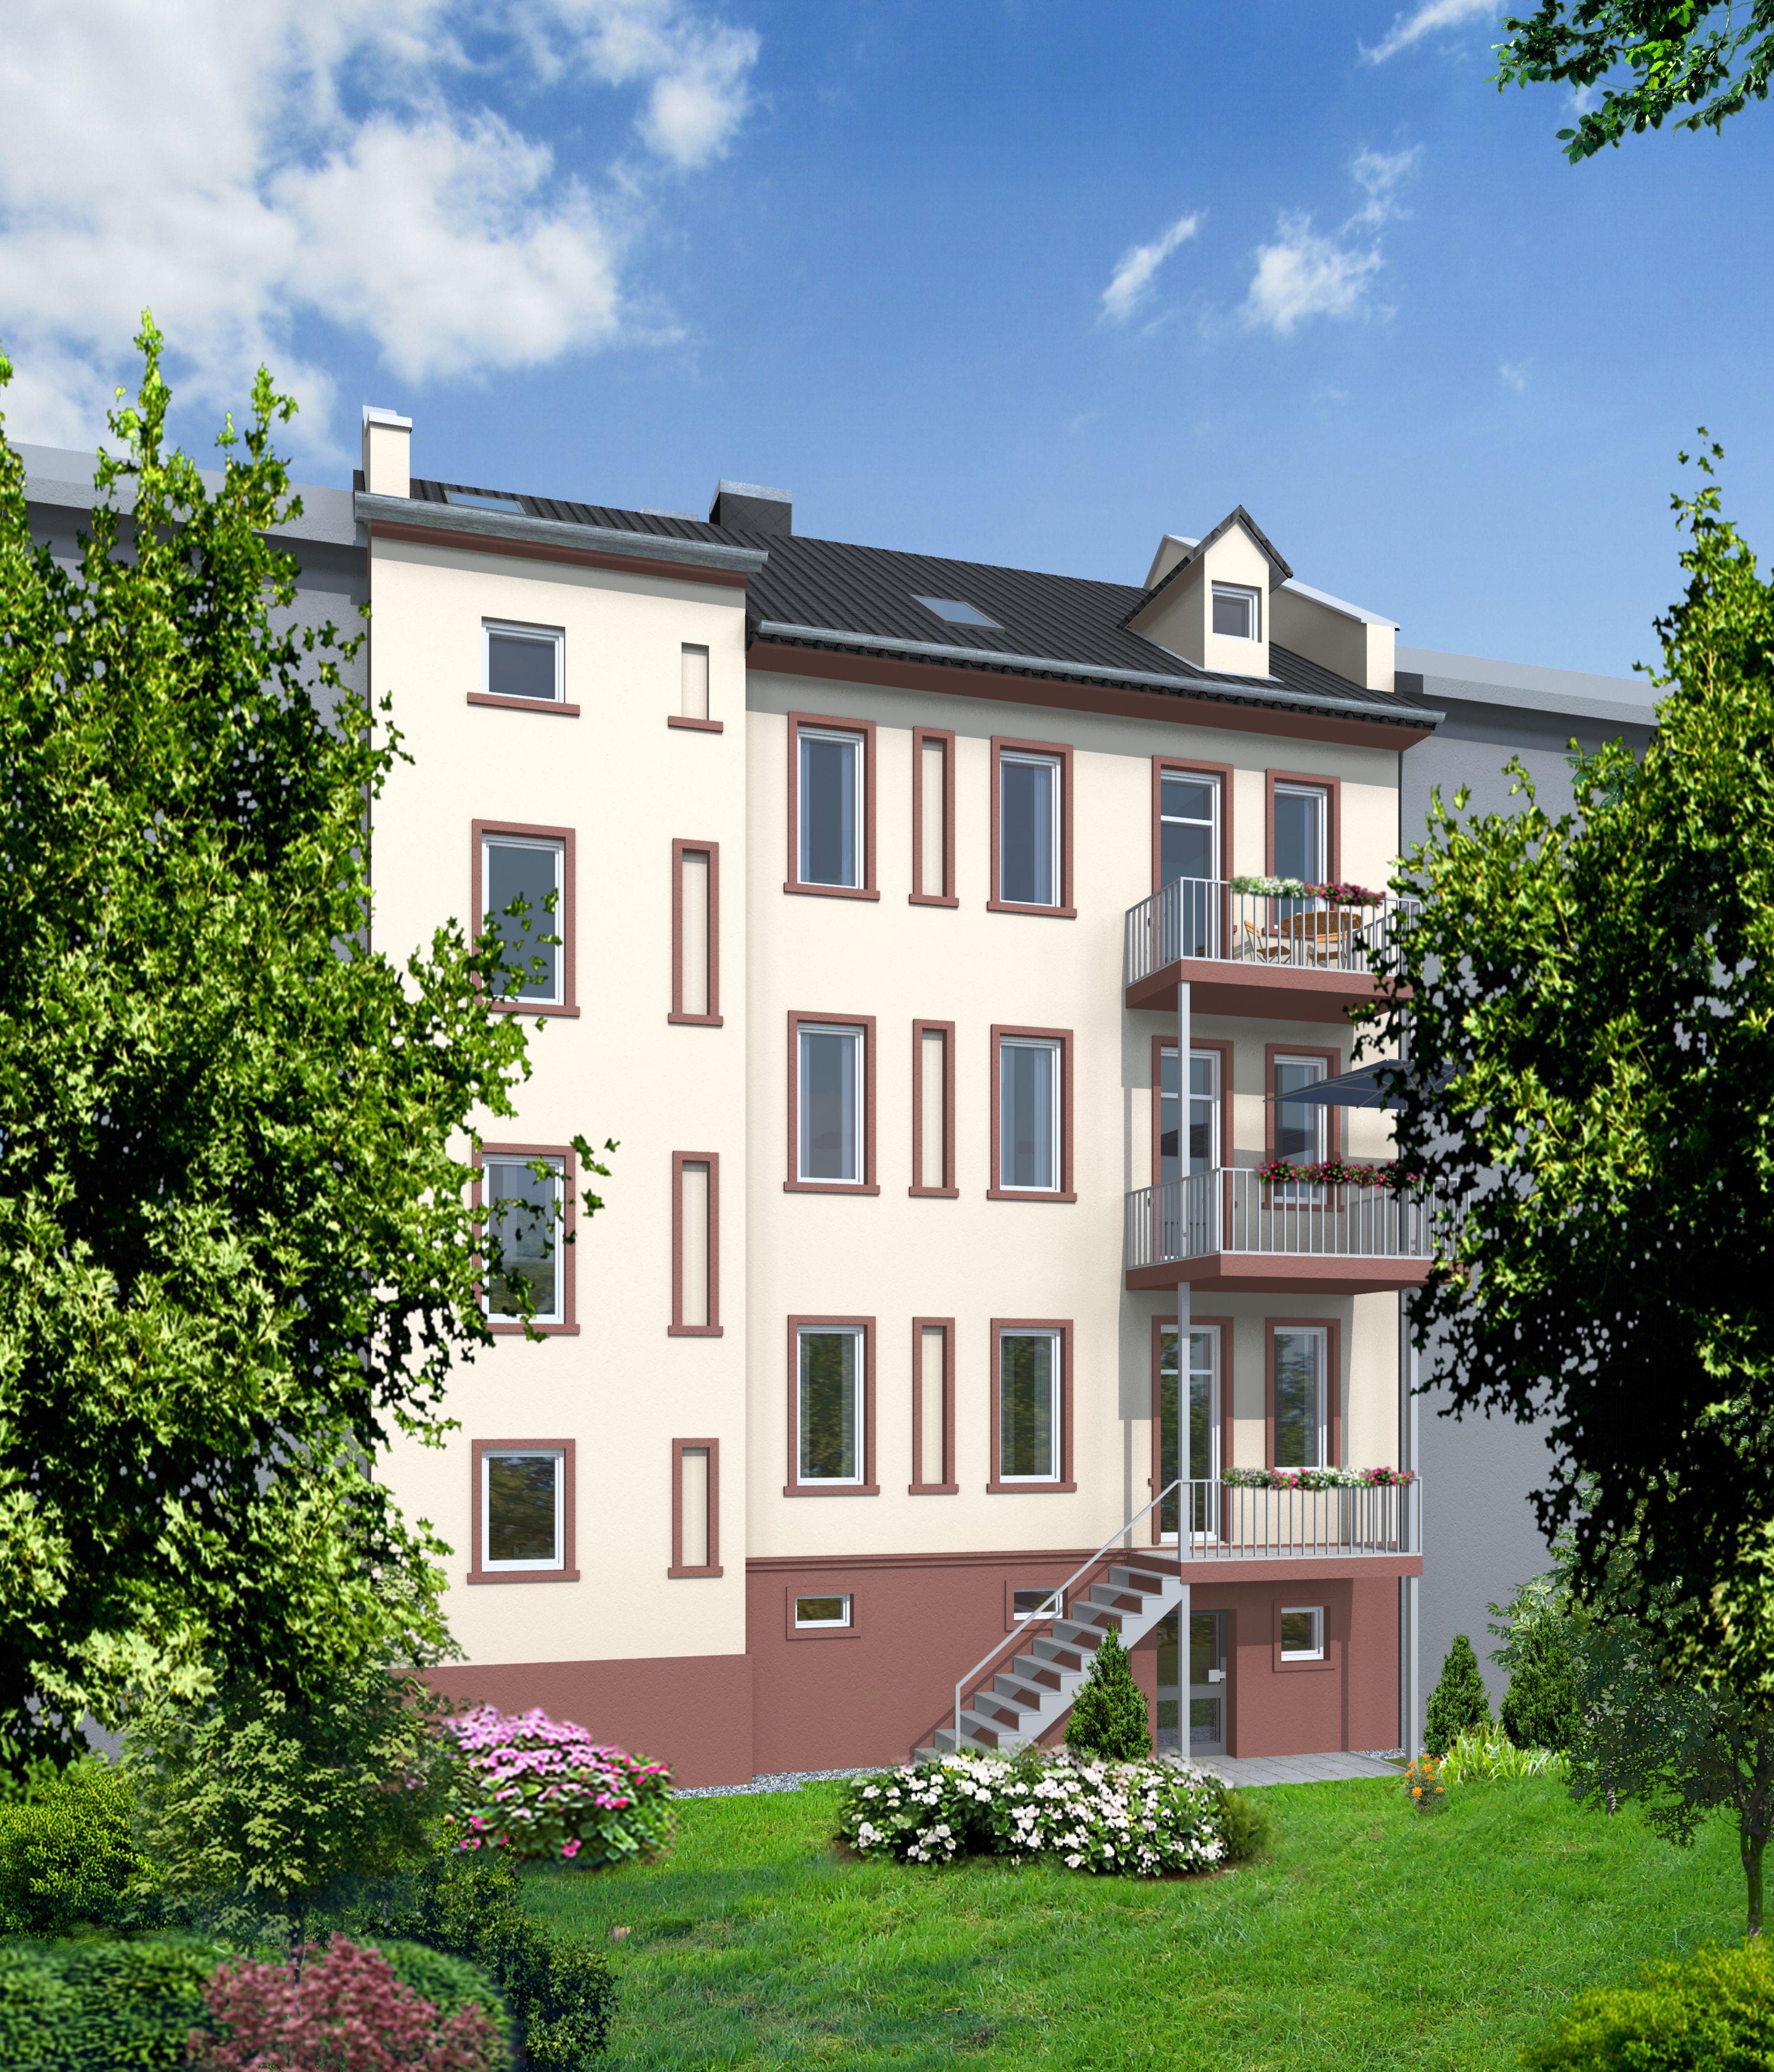 Architekturvisualisierung Stuttgart architekturvisualisierung sanierung altbau erstellt 1archivisio